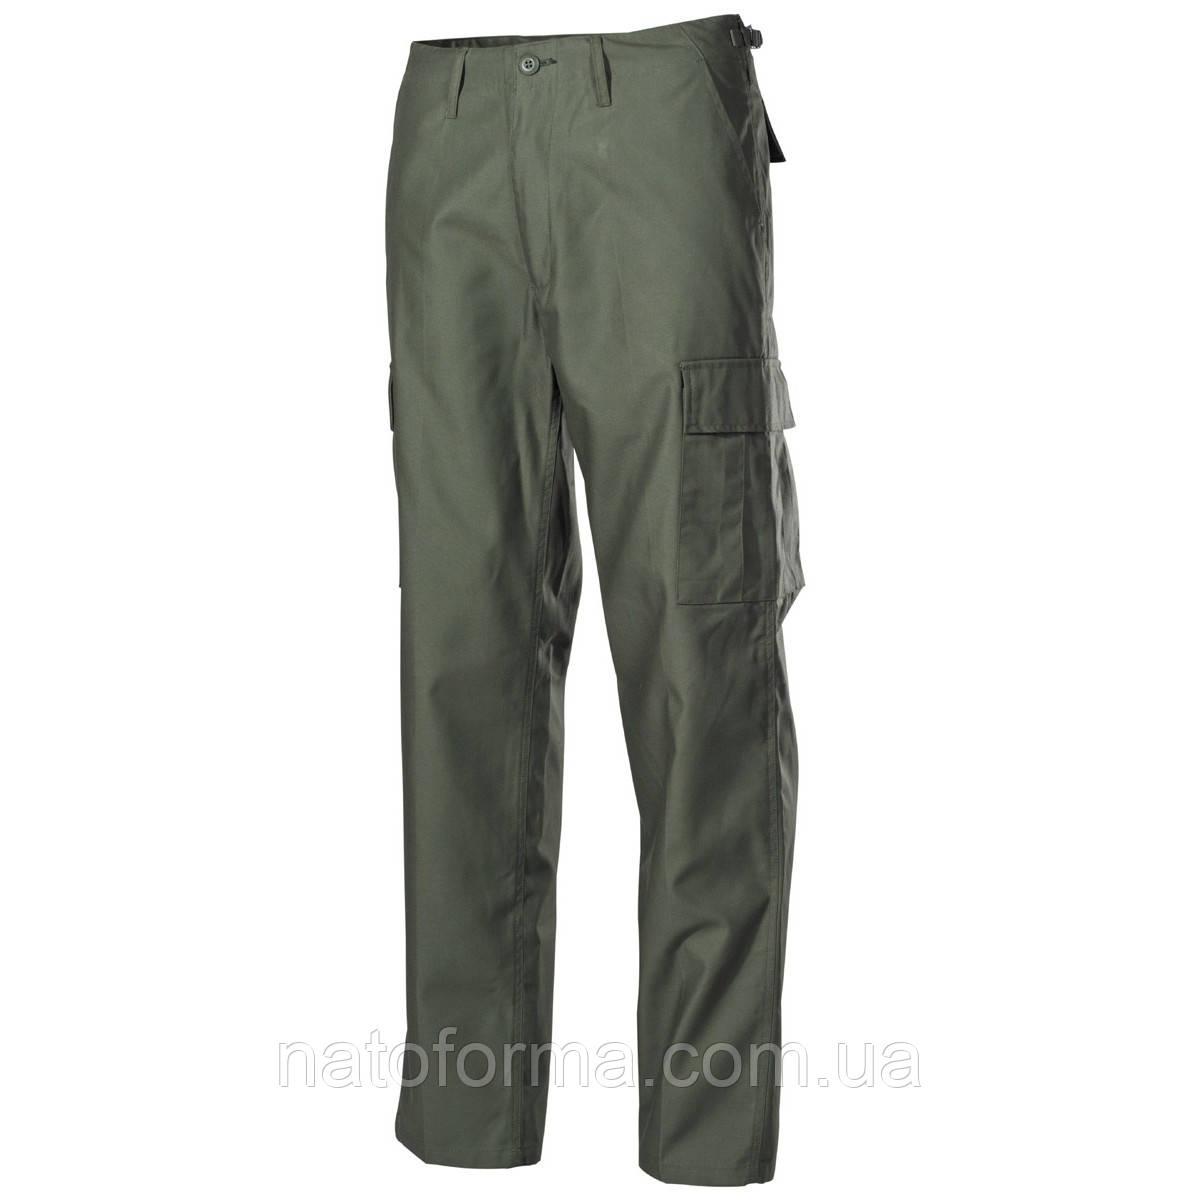 Штани, штани тактичні, олива, BDU (від компанії МFH)